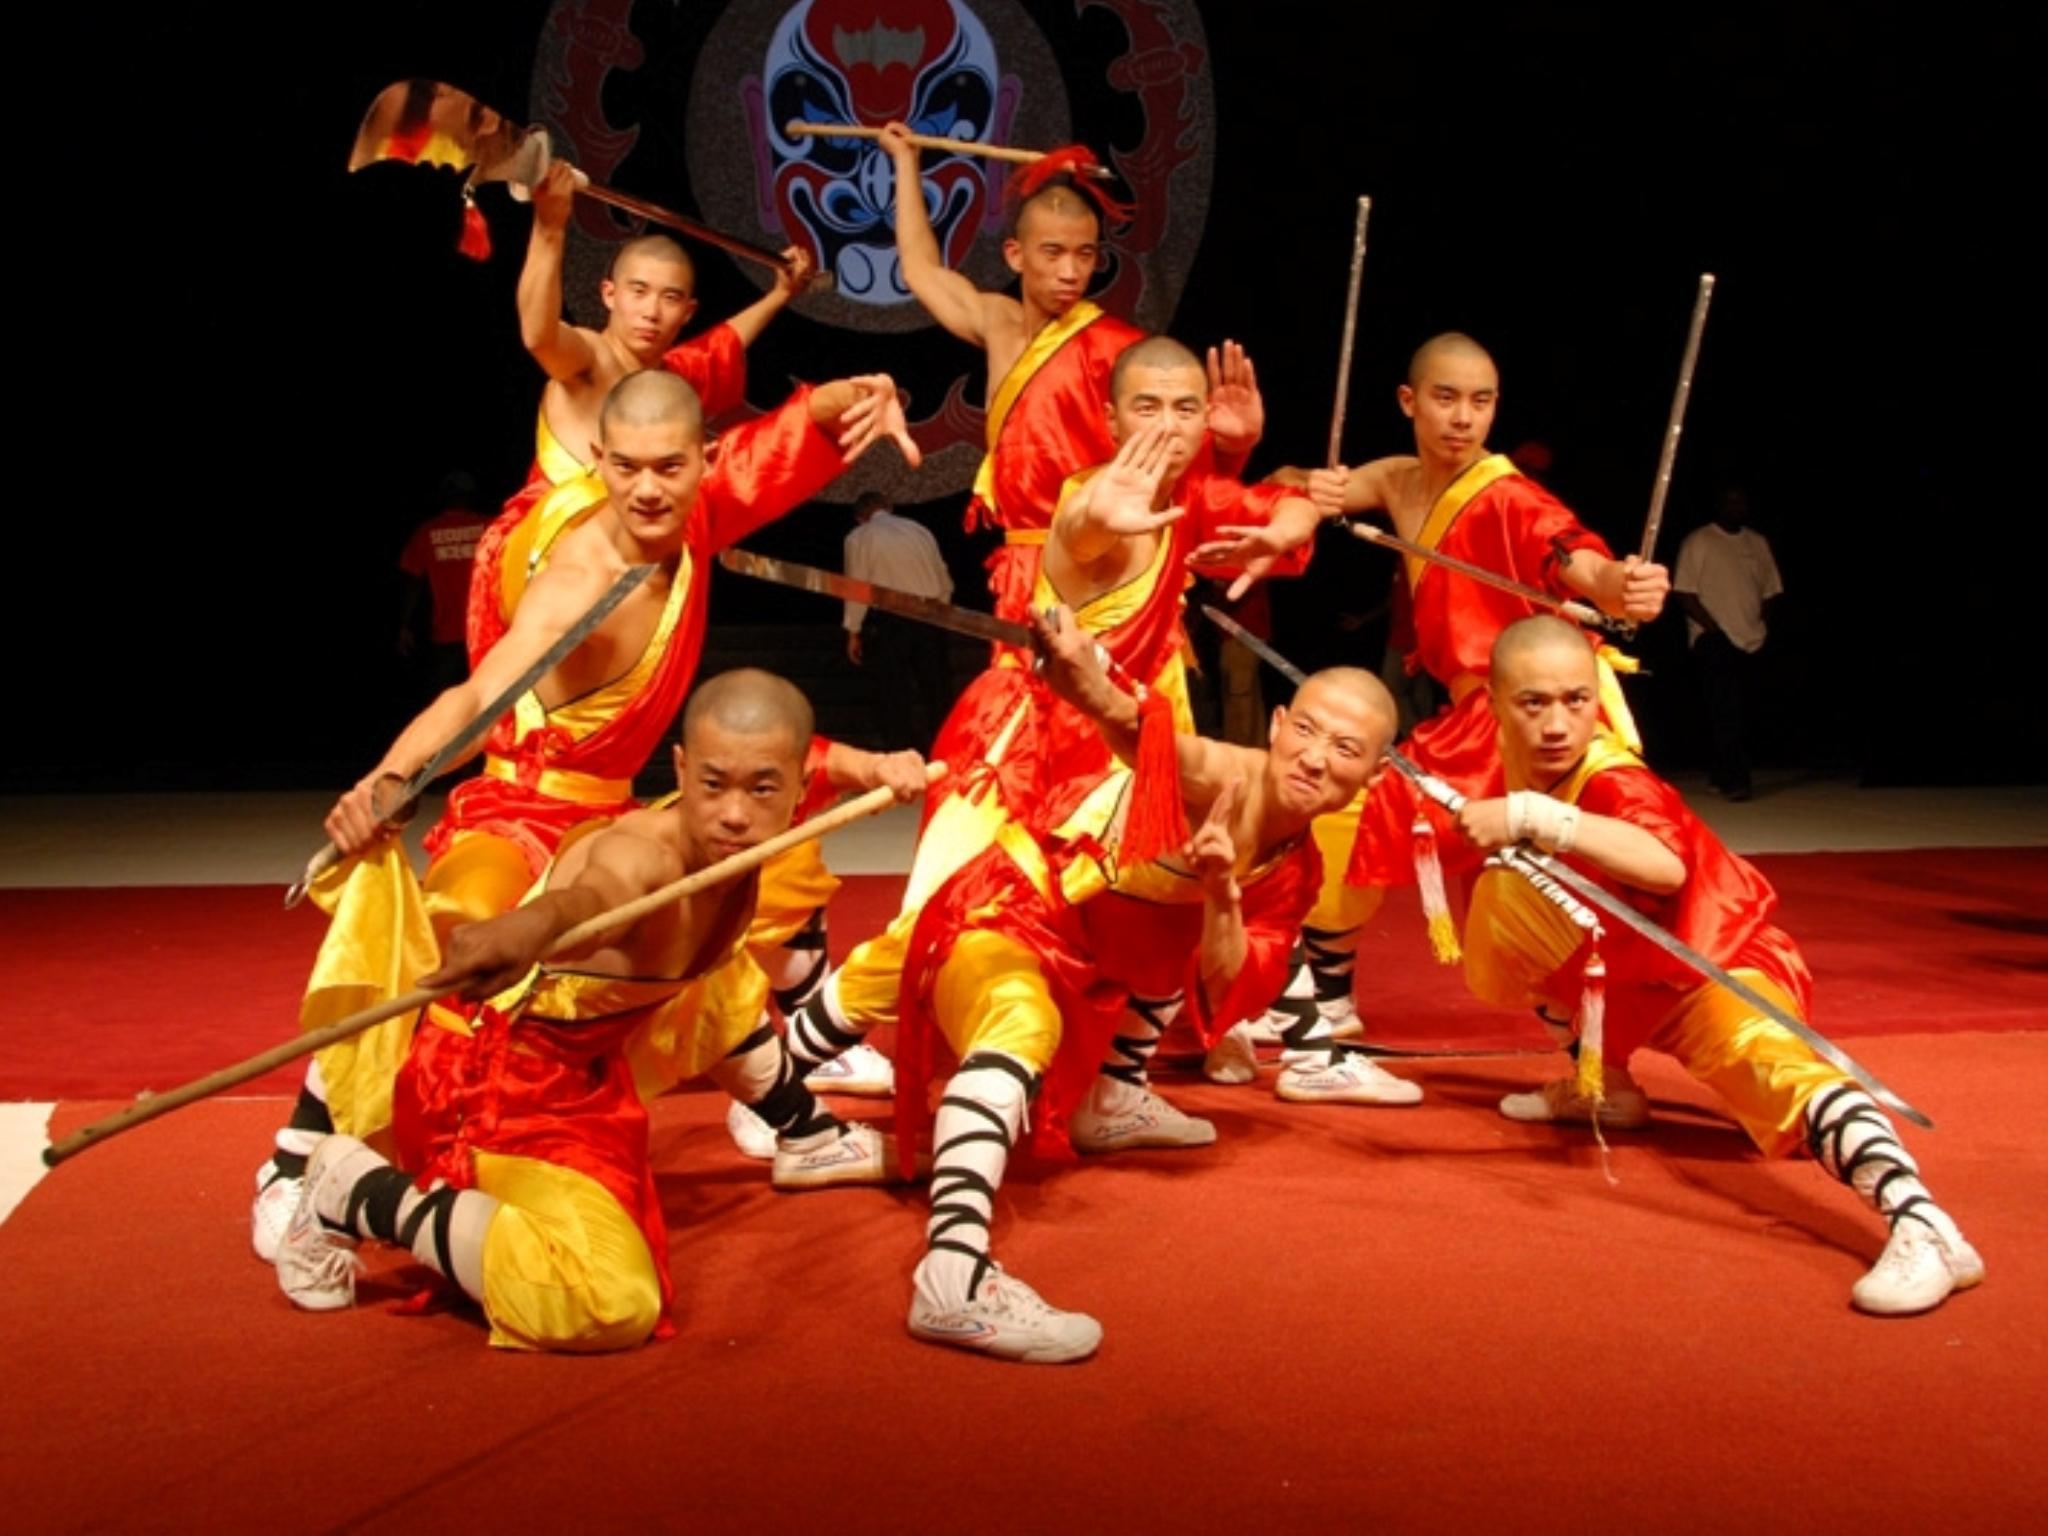 The 'Shaolin Warriors'